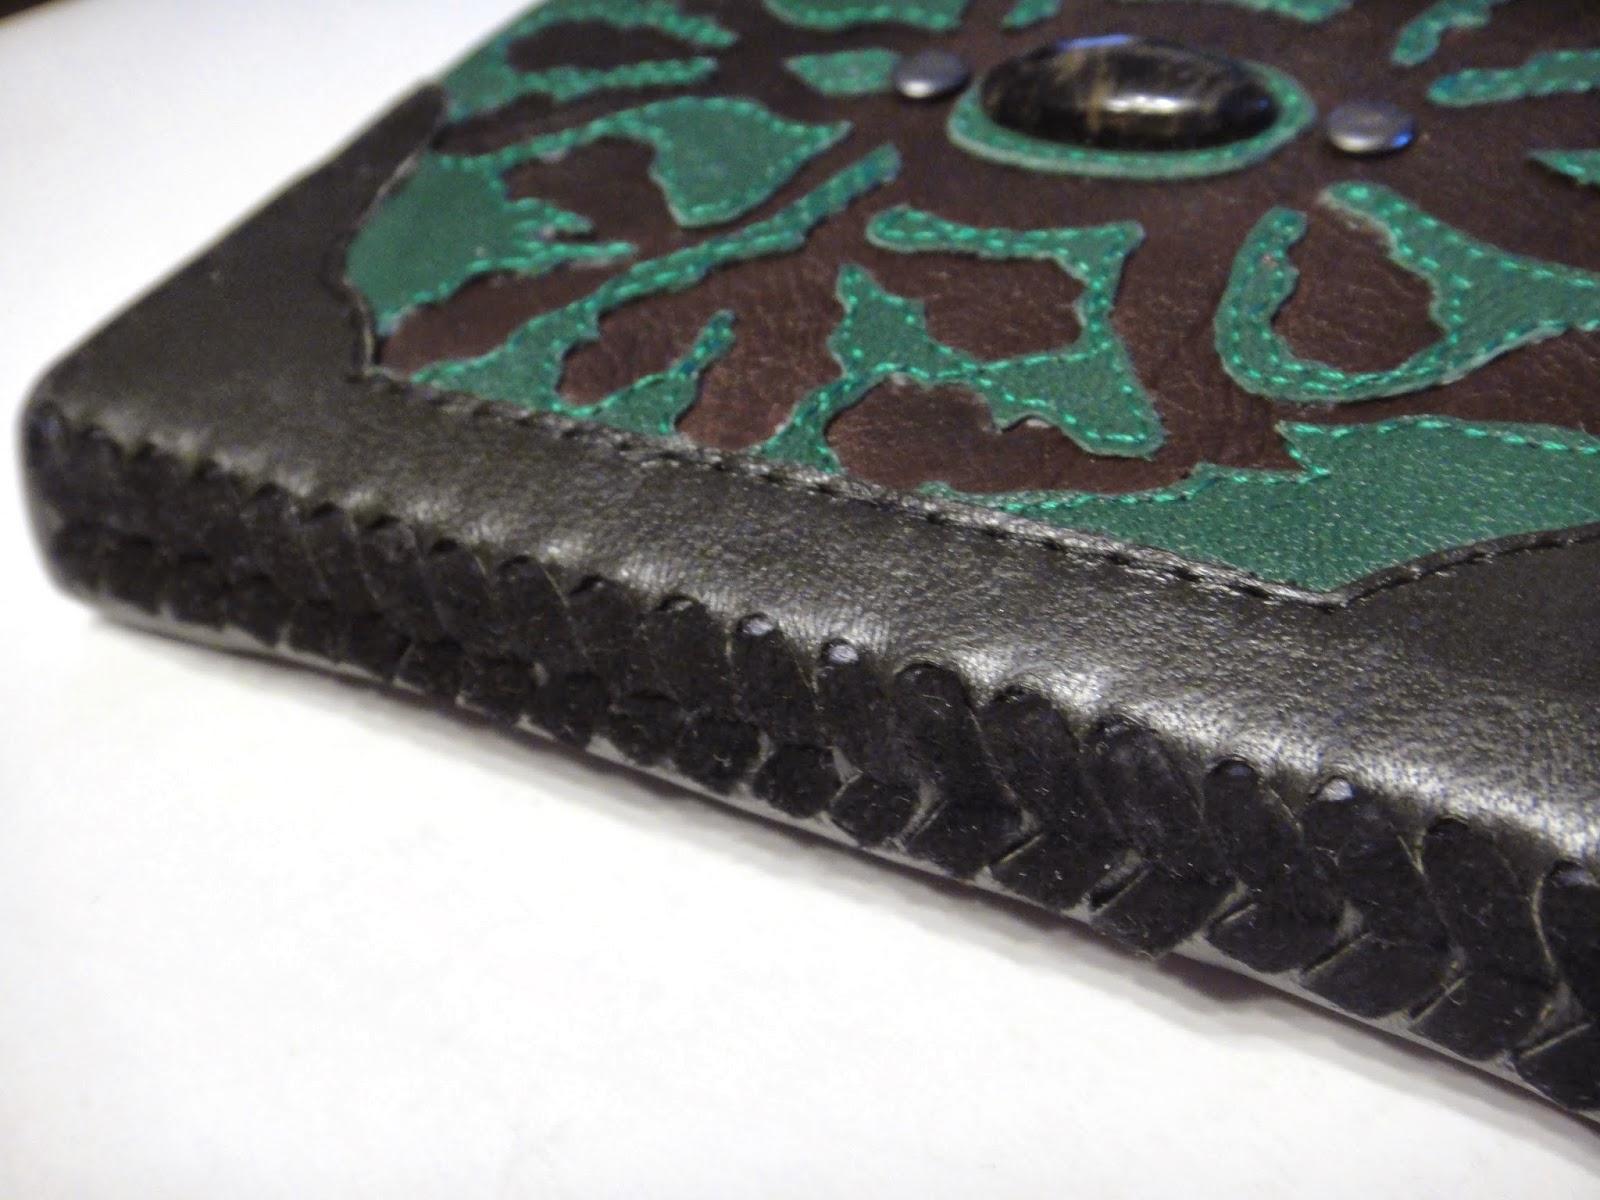 Блокнот ручной работы из кожи черной и зеленой с агатом на обложке